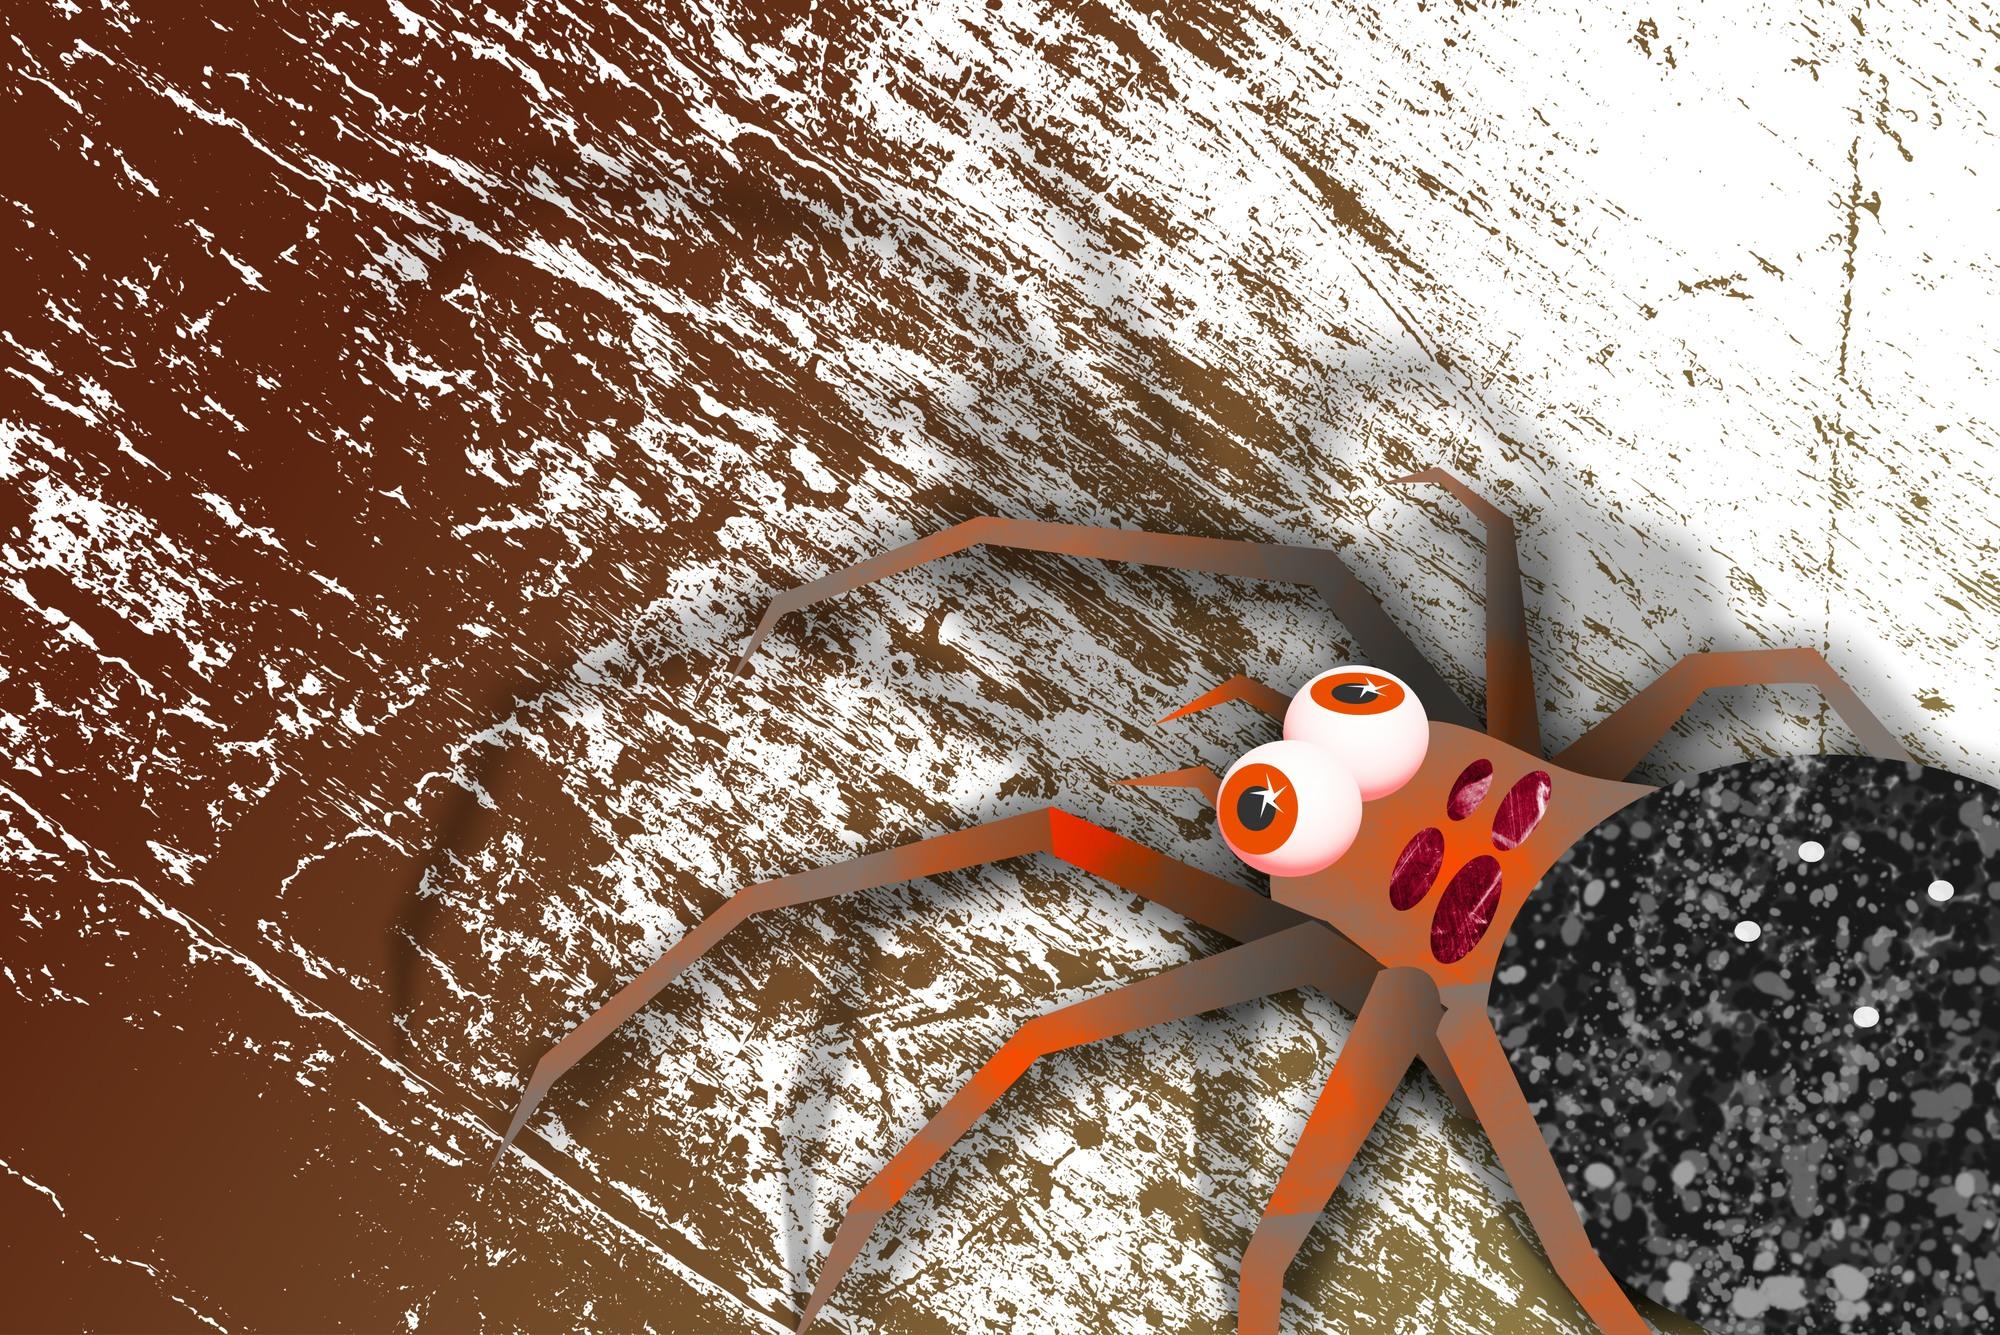 Funny Spider illustration